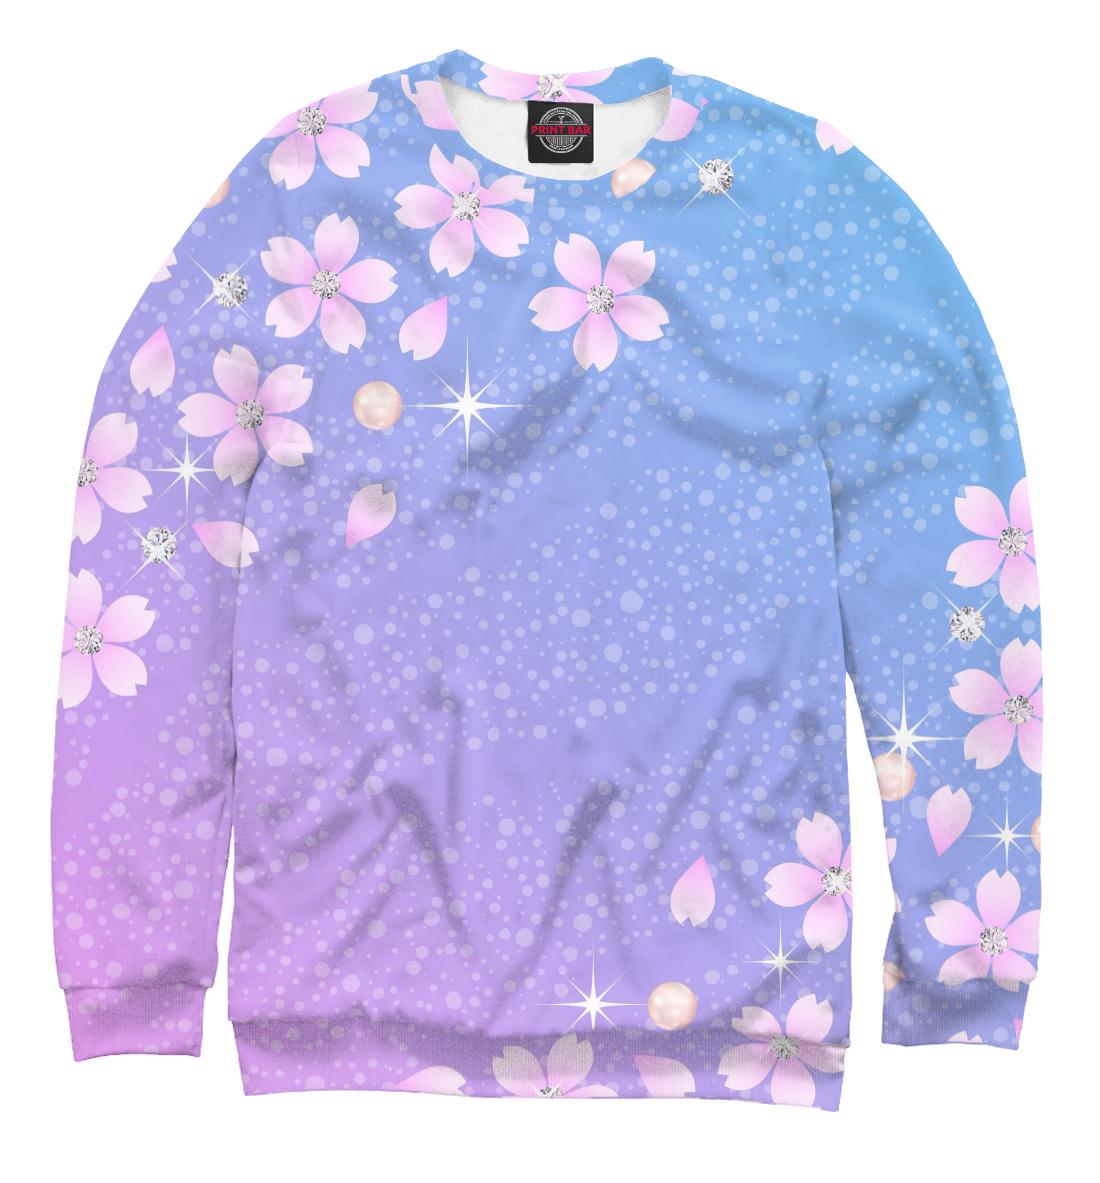 Купить Цветы и звёзды, Printbar, Свитшоты, CVE-454056-swi-1